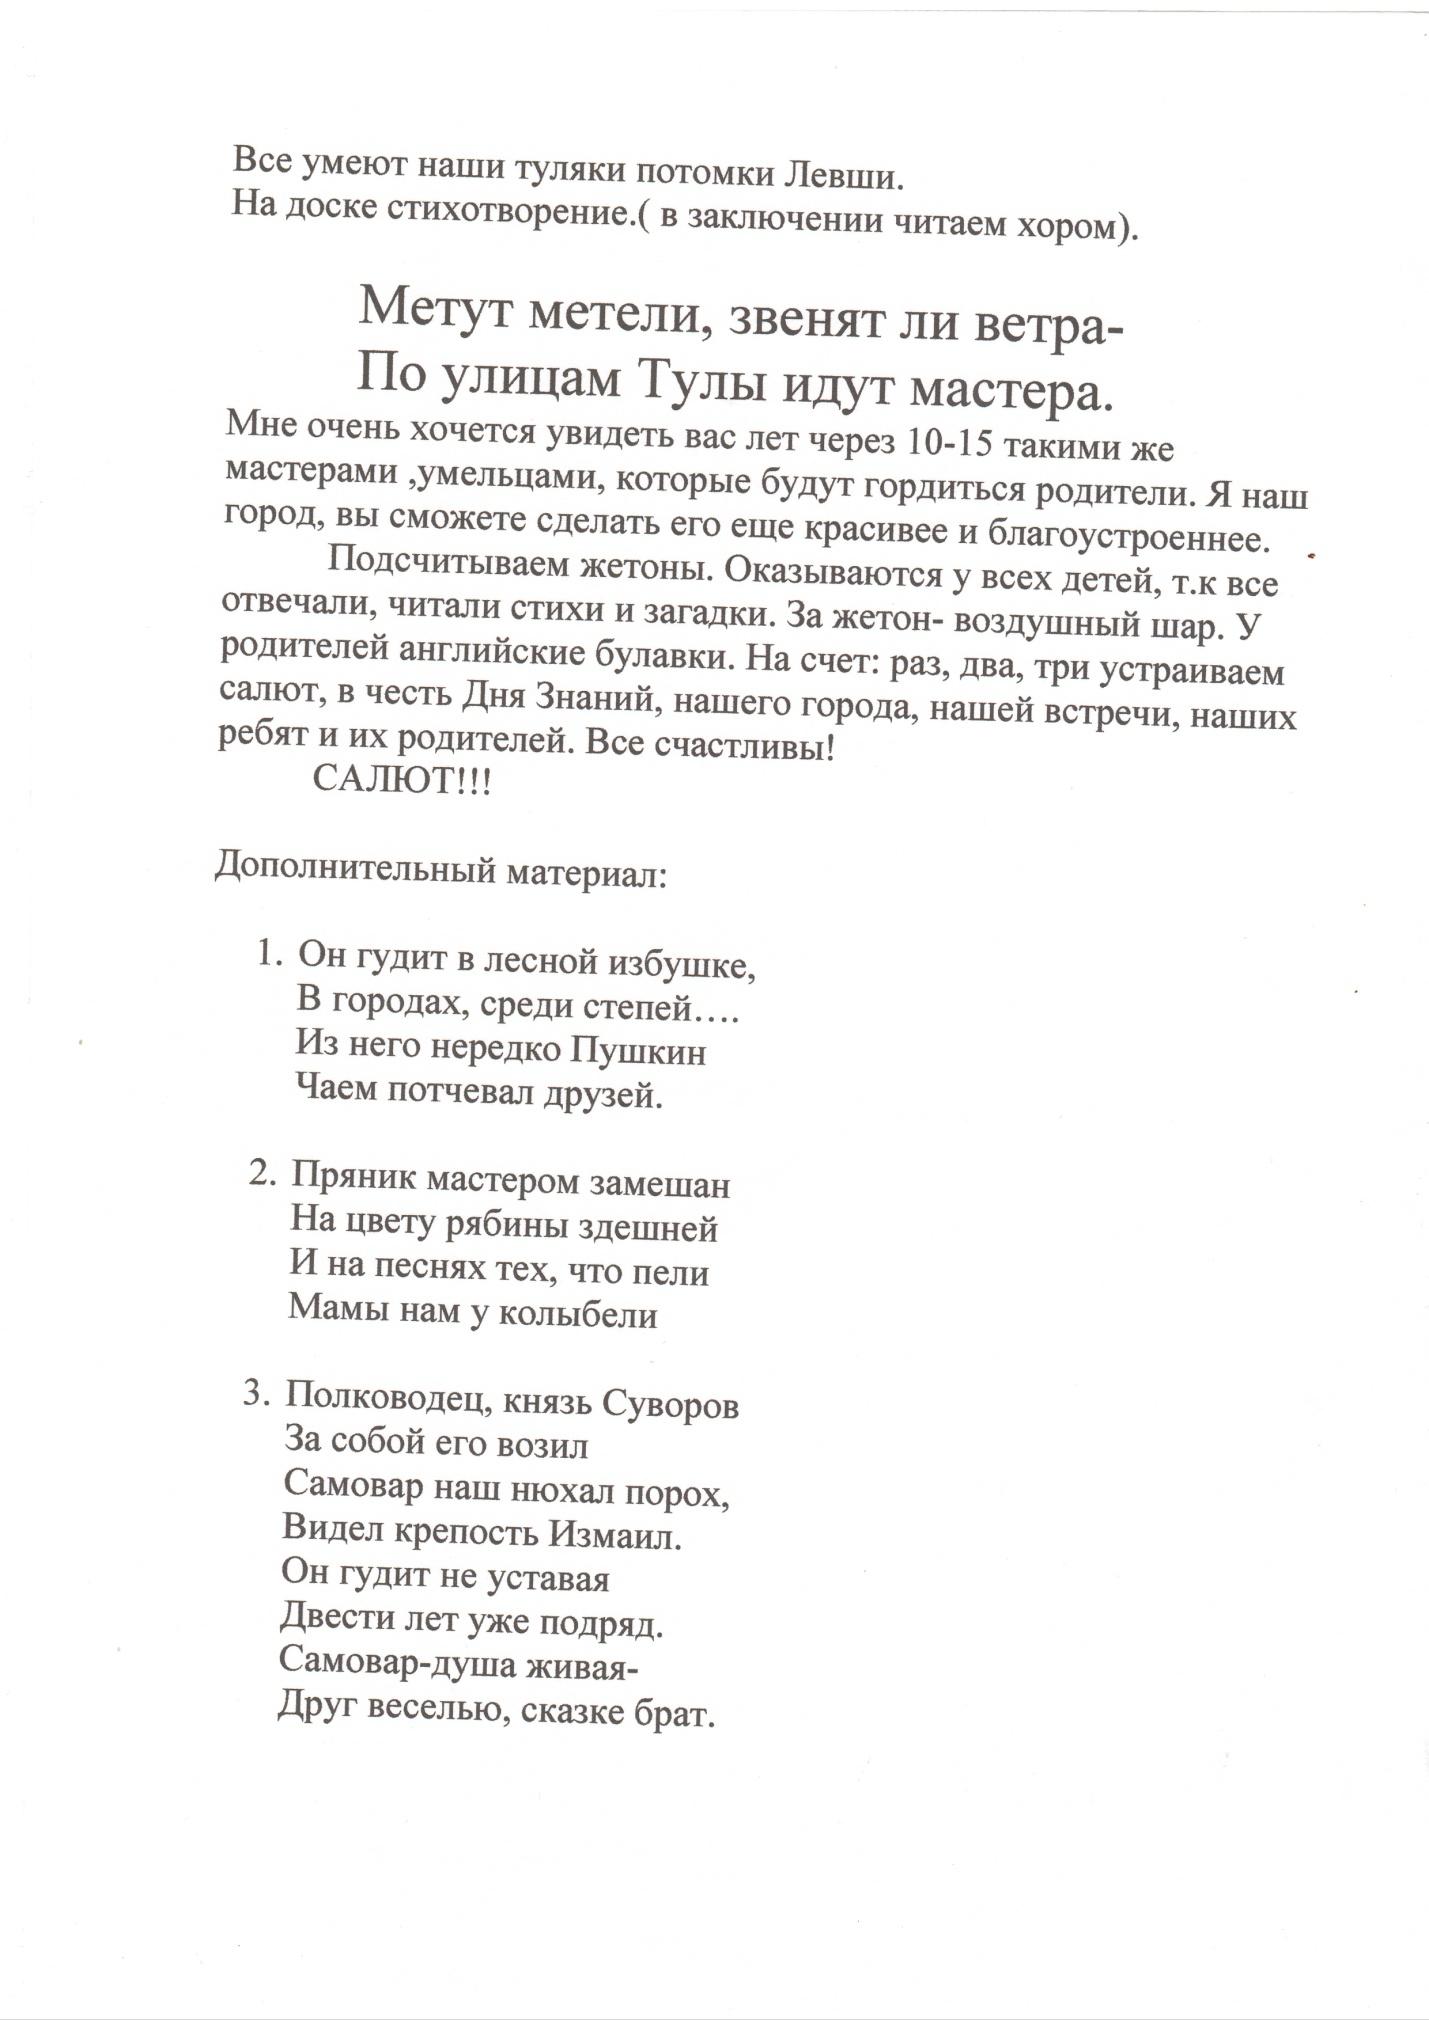 D:\Фото\ГОРОД МАСТЕРОВ-ТУЛА\020004.JPG